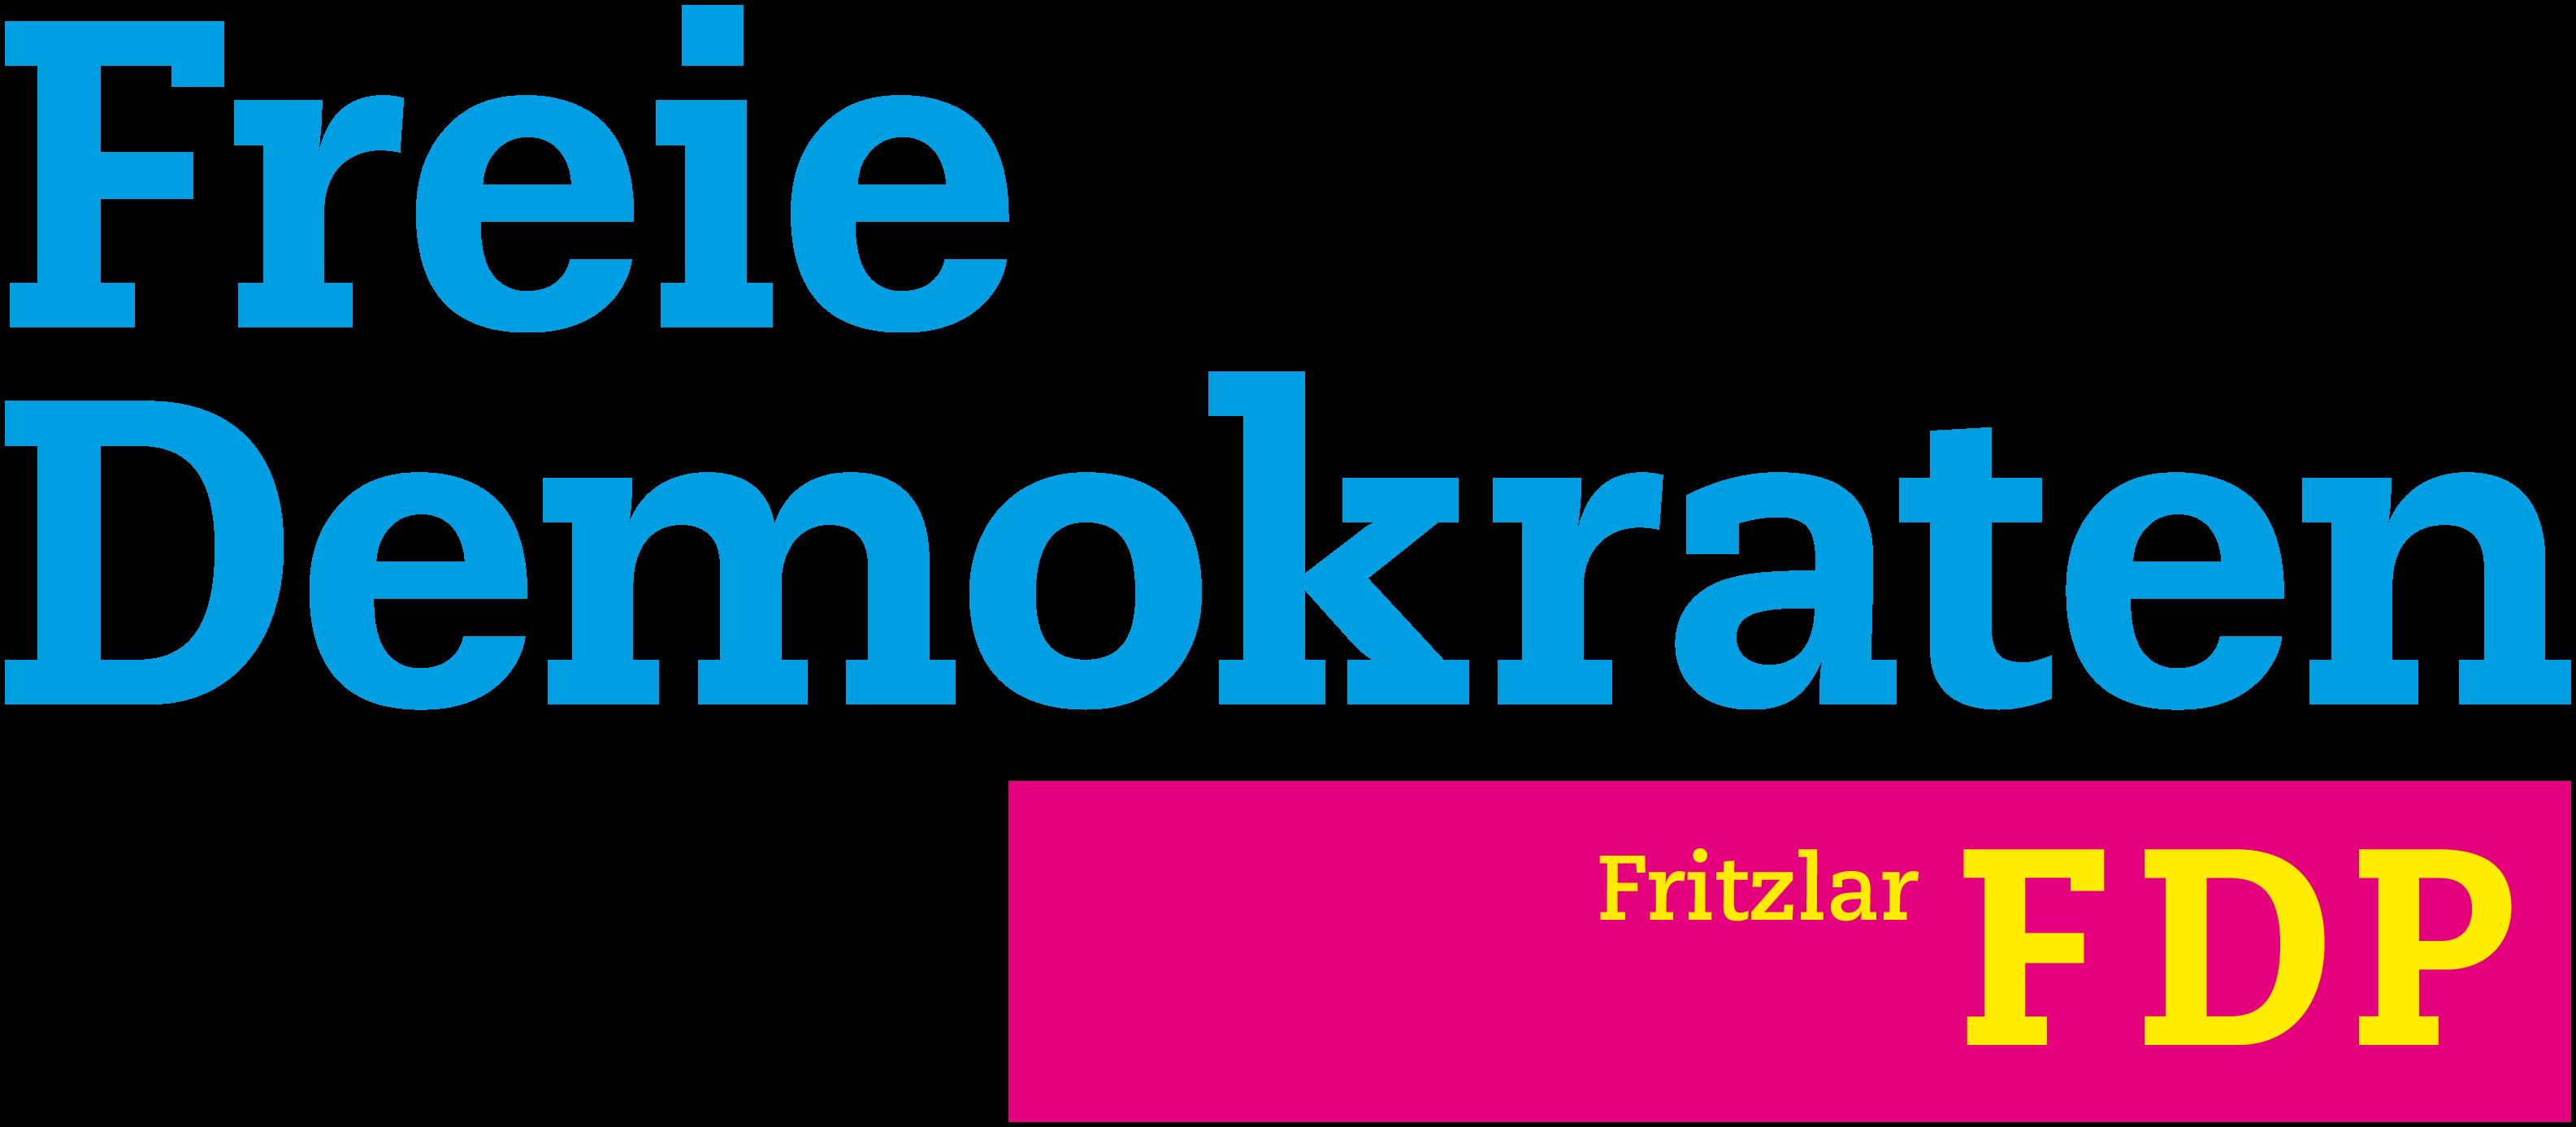 FDP Fritzlar